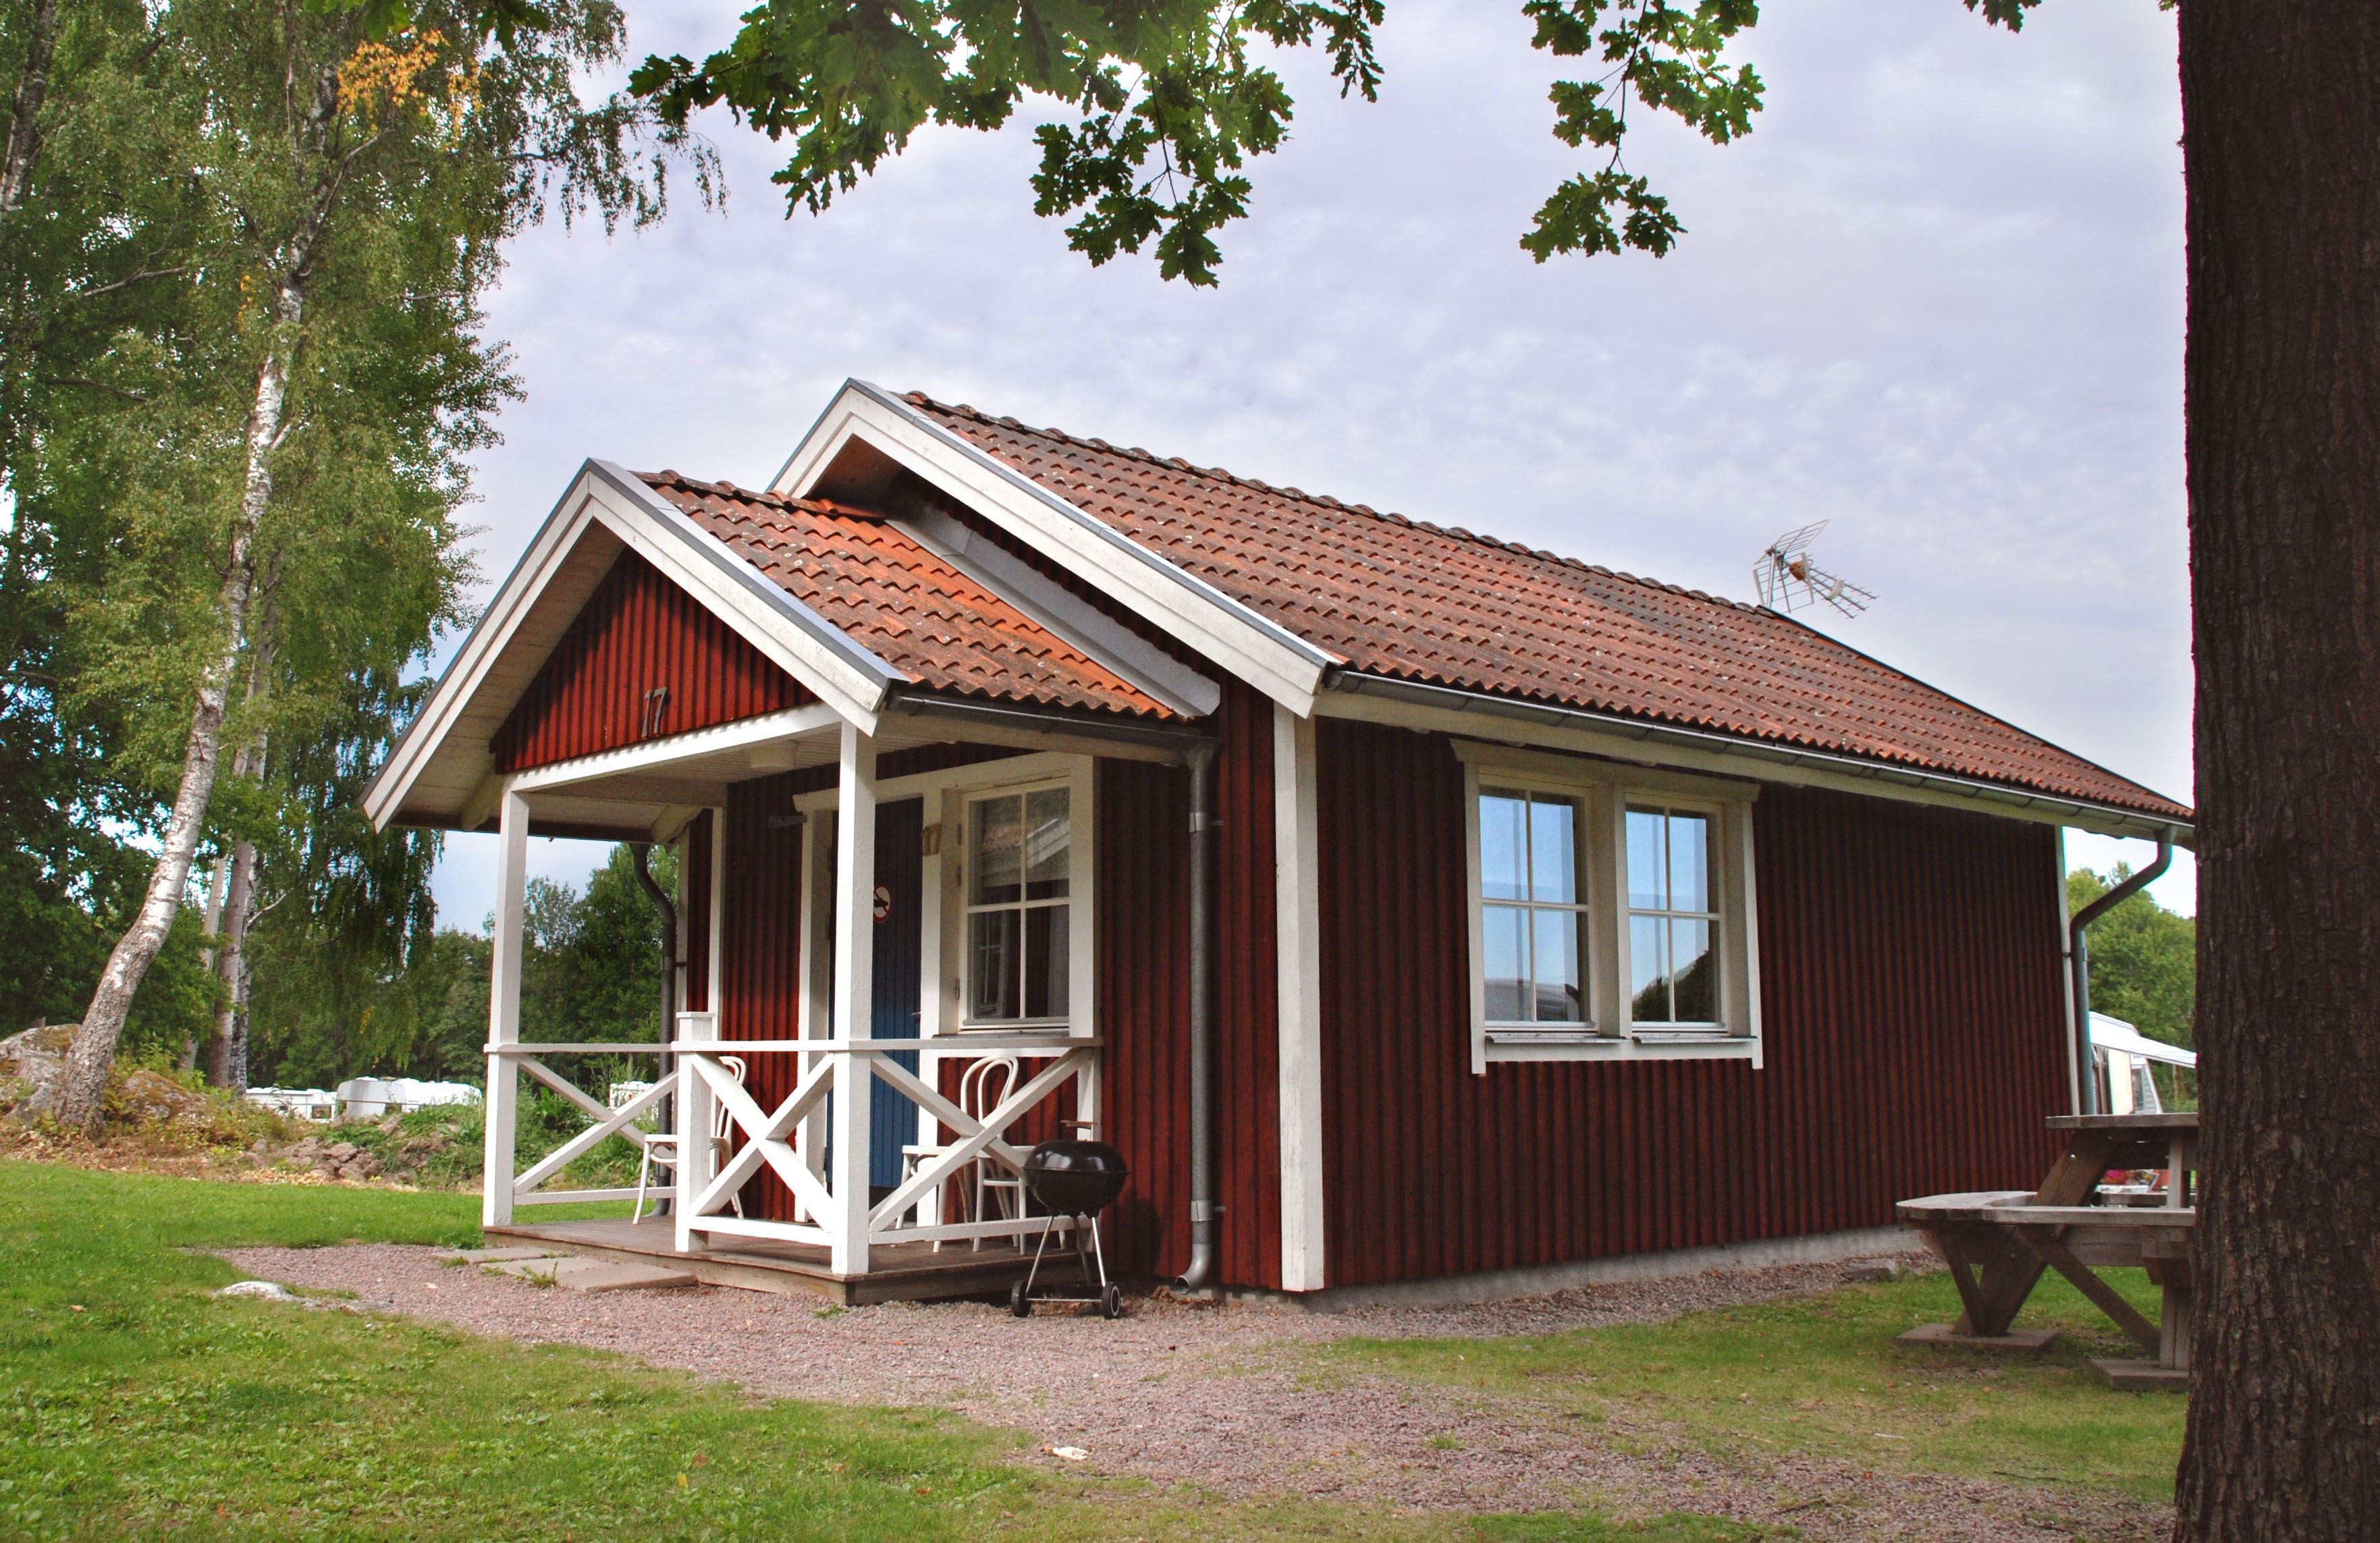 Skantzö Bad & Camping/Stugor